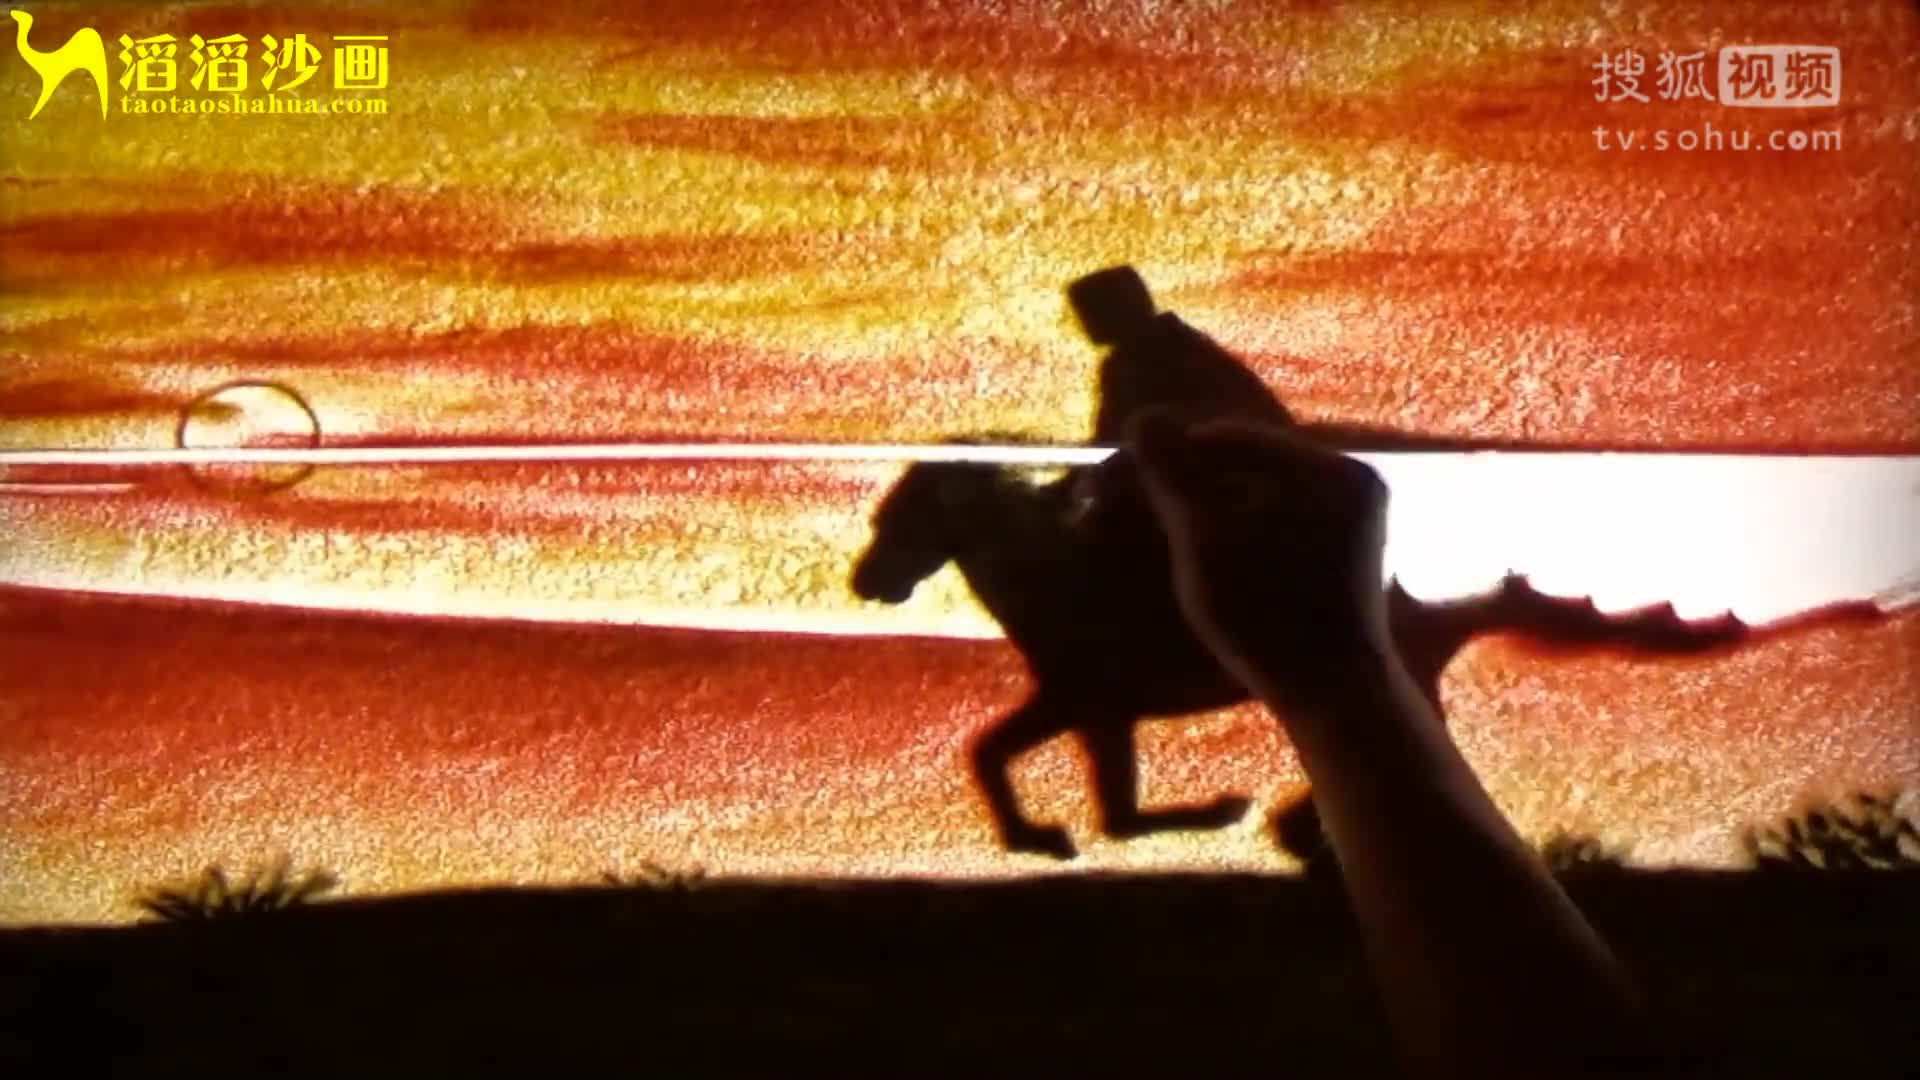 巴图德力格尔最新原创音乐mv沙画视频《阿尔泰苍狼》给你天籁之音的美妙!